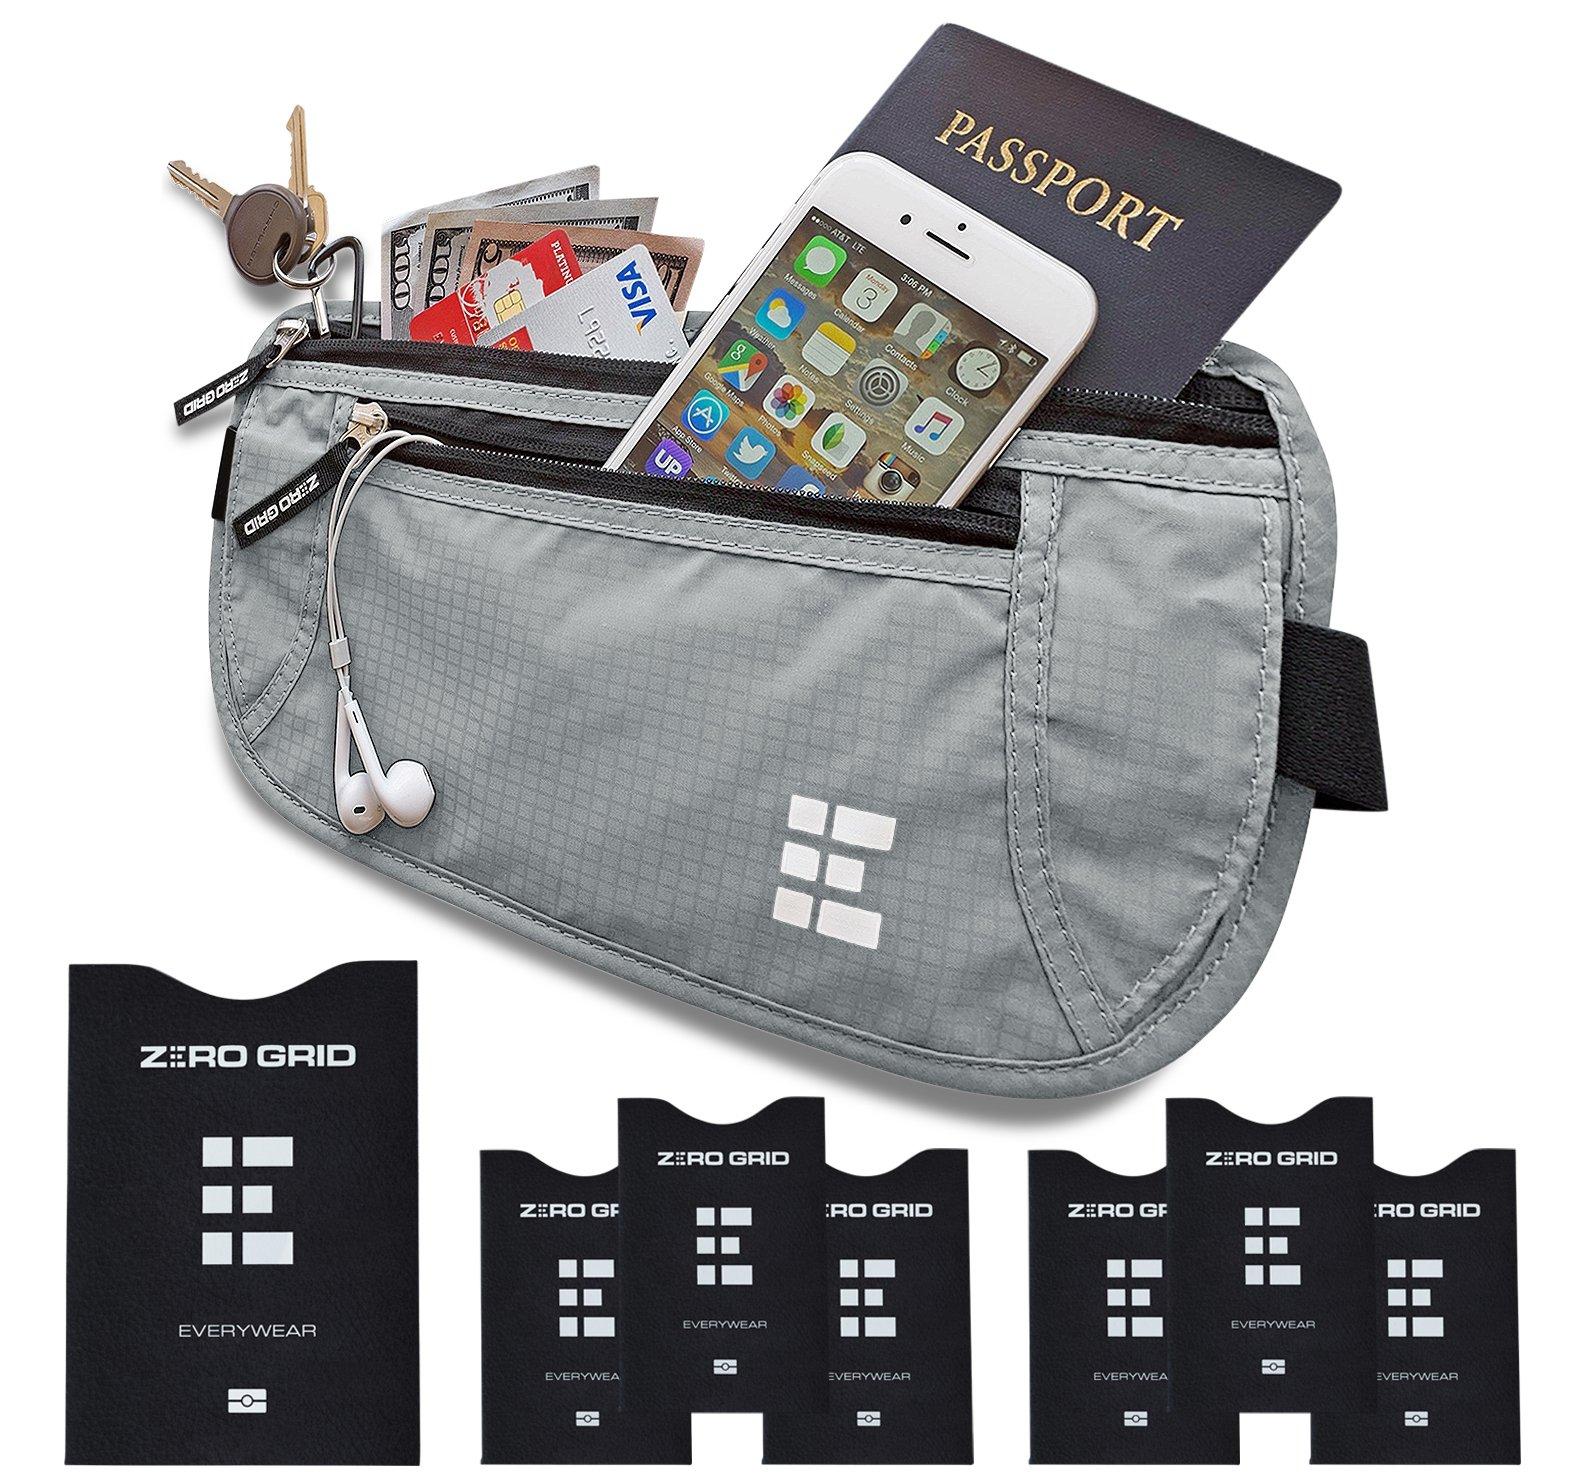 Zero Grid Money Belt w/RFID Blocking - Concealed Travel Wallet & Passport Holder, Ash